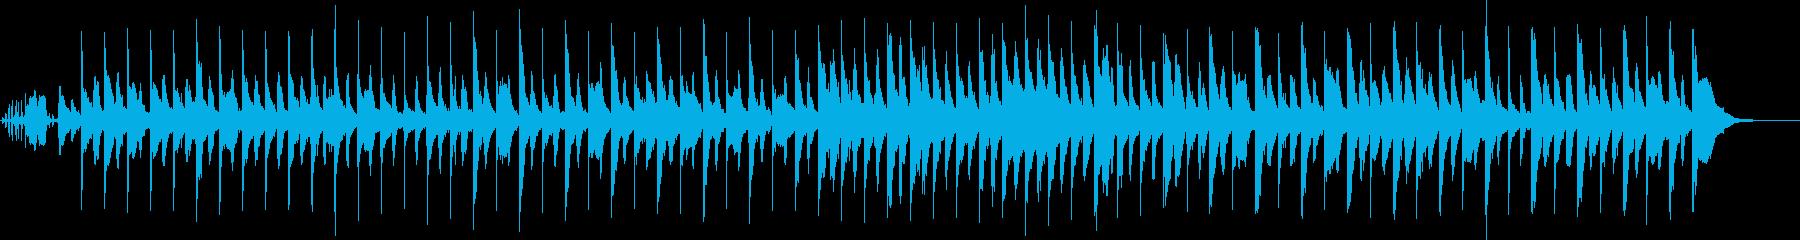 奇妙で軽快ハロウィン風ピアノ(SE有り)の再生済みの波形